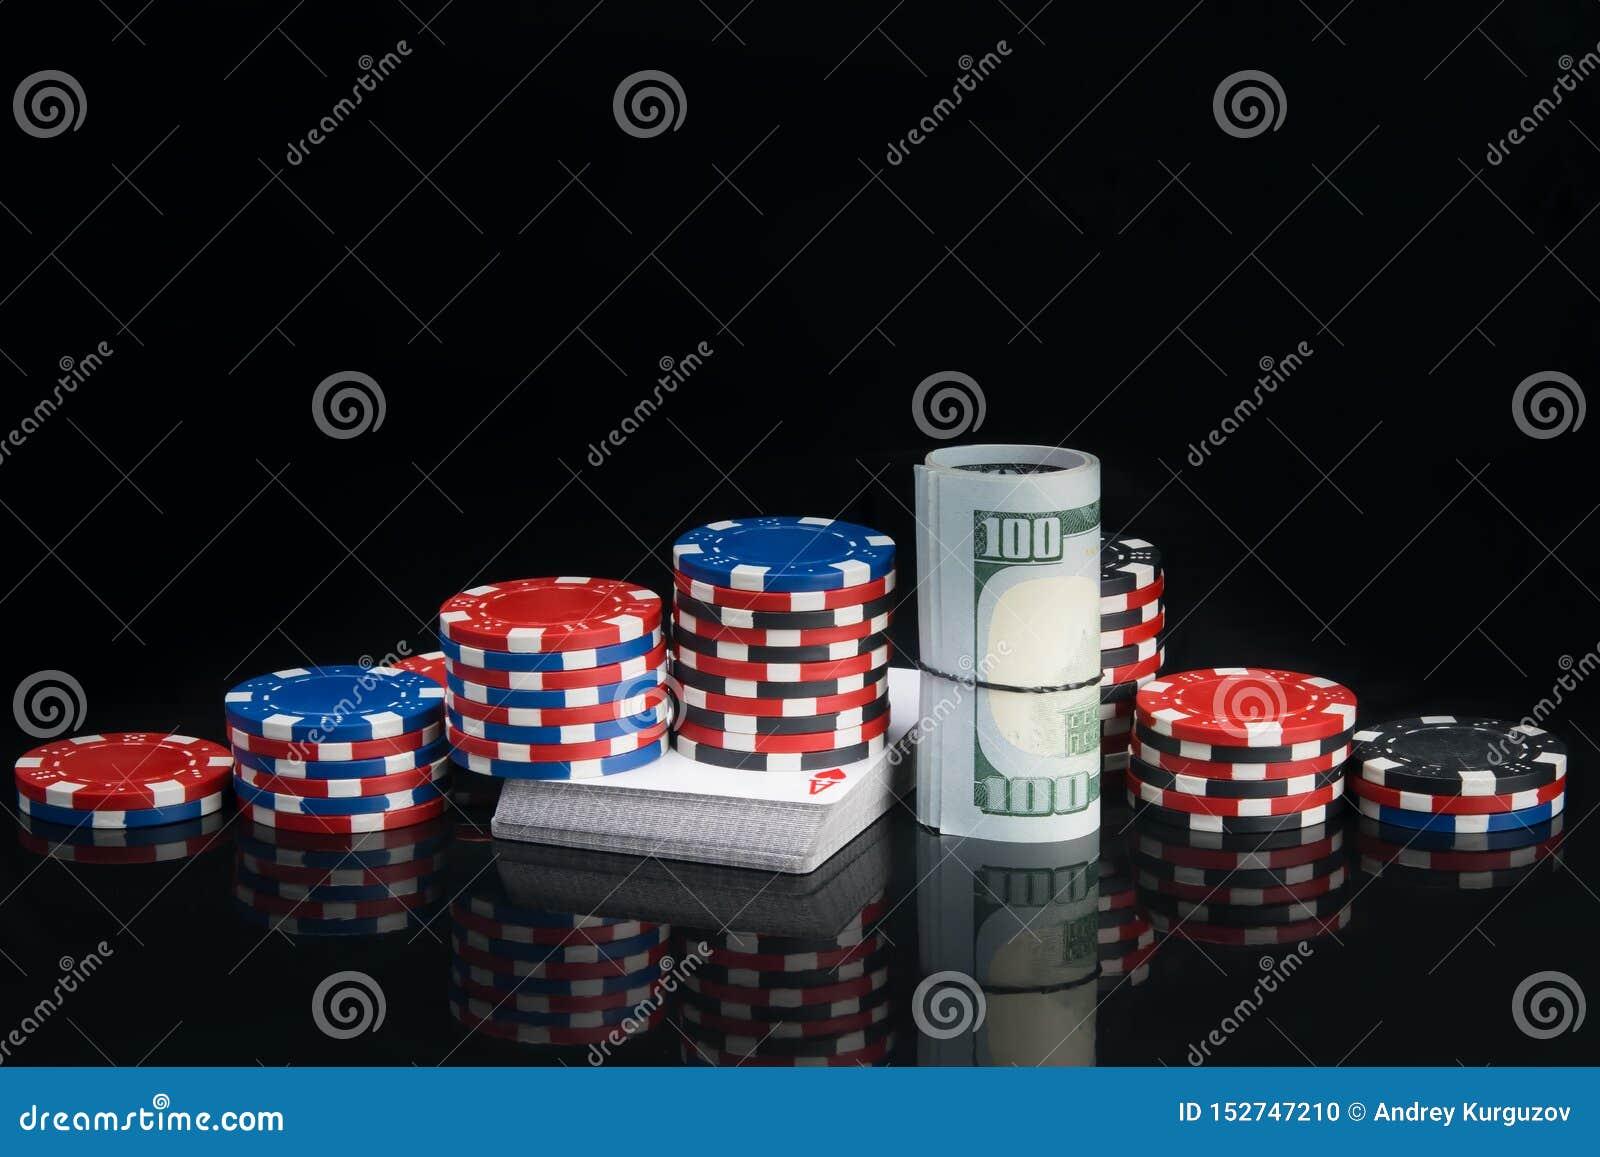 Auf einem schwarzen Hintergrund mit einer Reflexion, rollten eine Pyramide von Pokerchips und hundert Dollarscheine oben auf eine